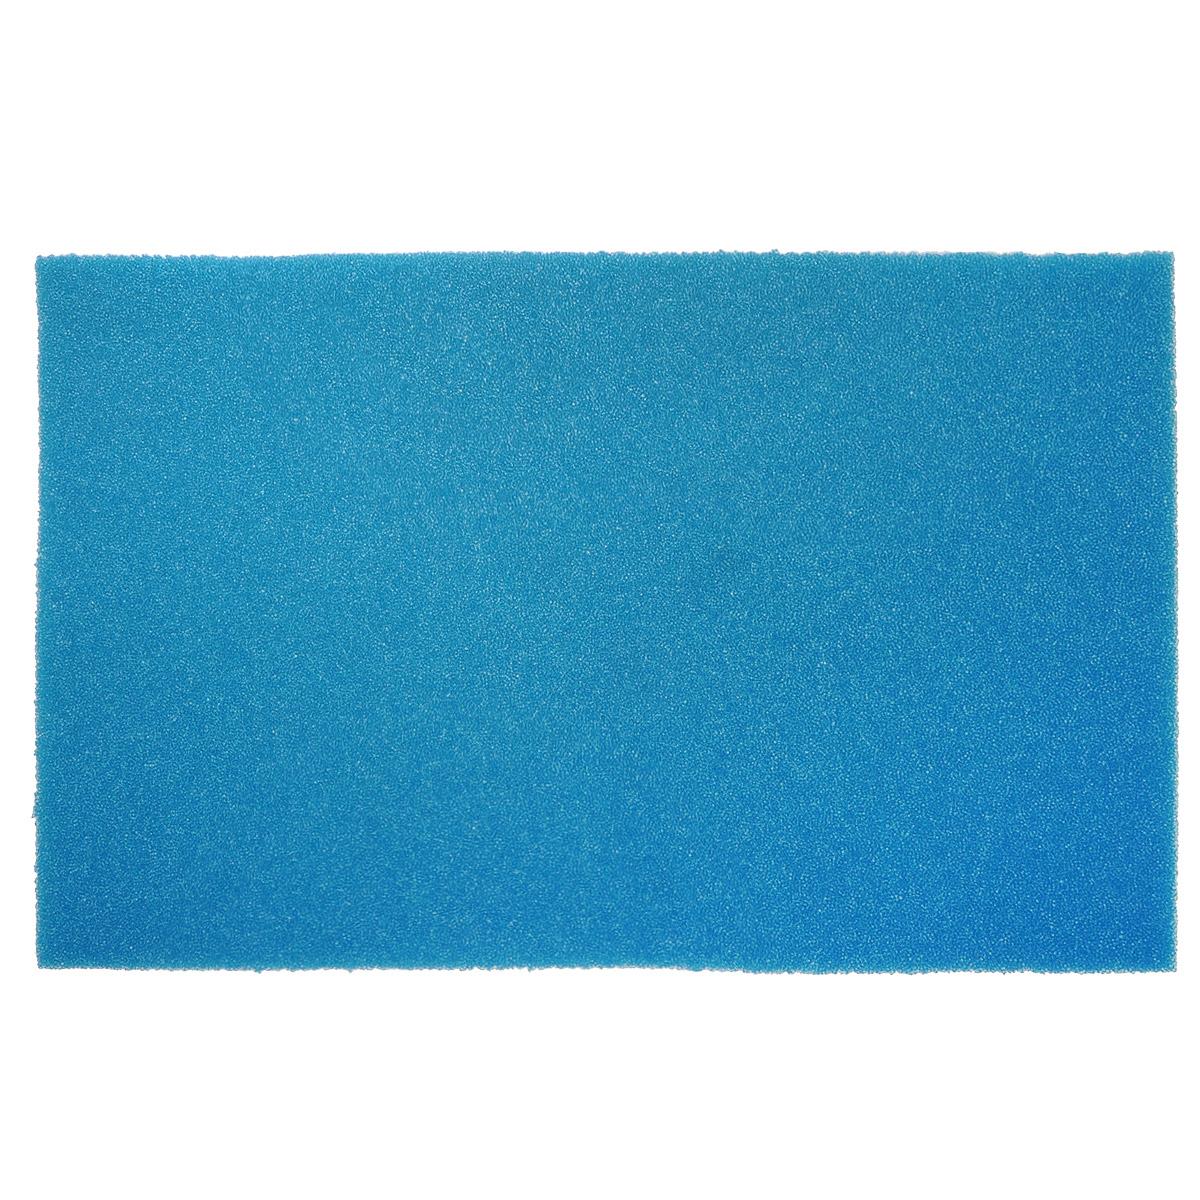 Коврик для хранения продуктов в холодильнике Eva, цвет: синий, 32 х 50 смЕ23Антибактериальный коврик Eva изготовлен из цветного пенополиуретана и используется в контейнерах для хранения овощей и фруктов. Он обеспечит свежесть продуктов в течение длительного времени, благодаря циркуляции воздуха между продуктами и поверхностями холодильника. Ячеистая структура коврика предотвратит размножение бактерий и образование плесени. Можно мыть в воде при температуре 30°С. Также изделие подходит в качестве коврика для сушки посуды.Размер: 32 см х 50 см.